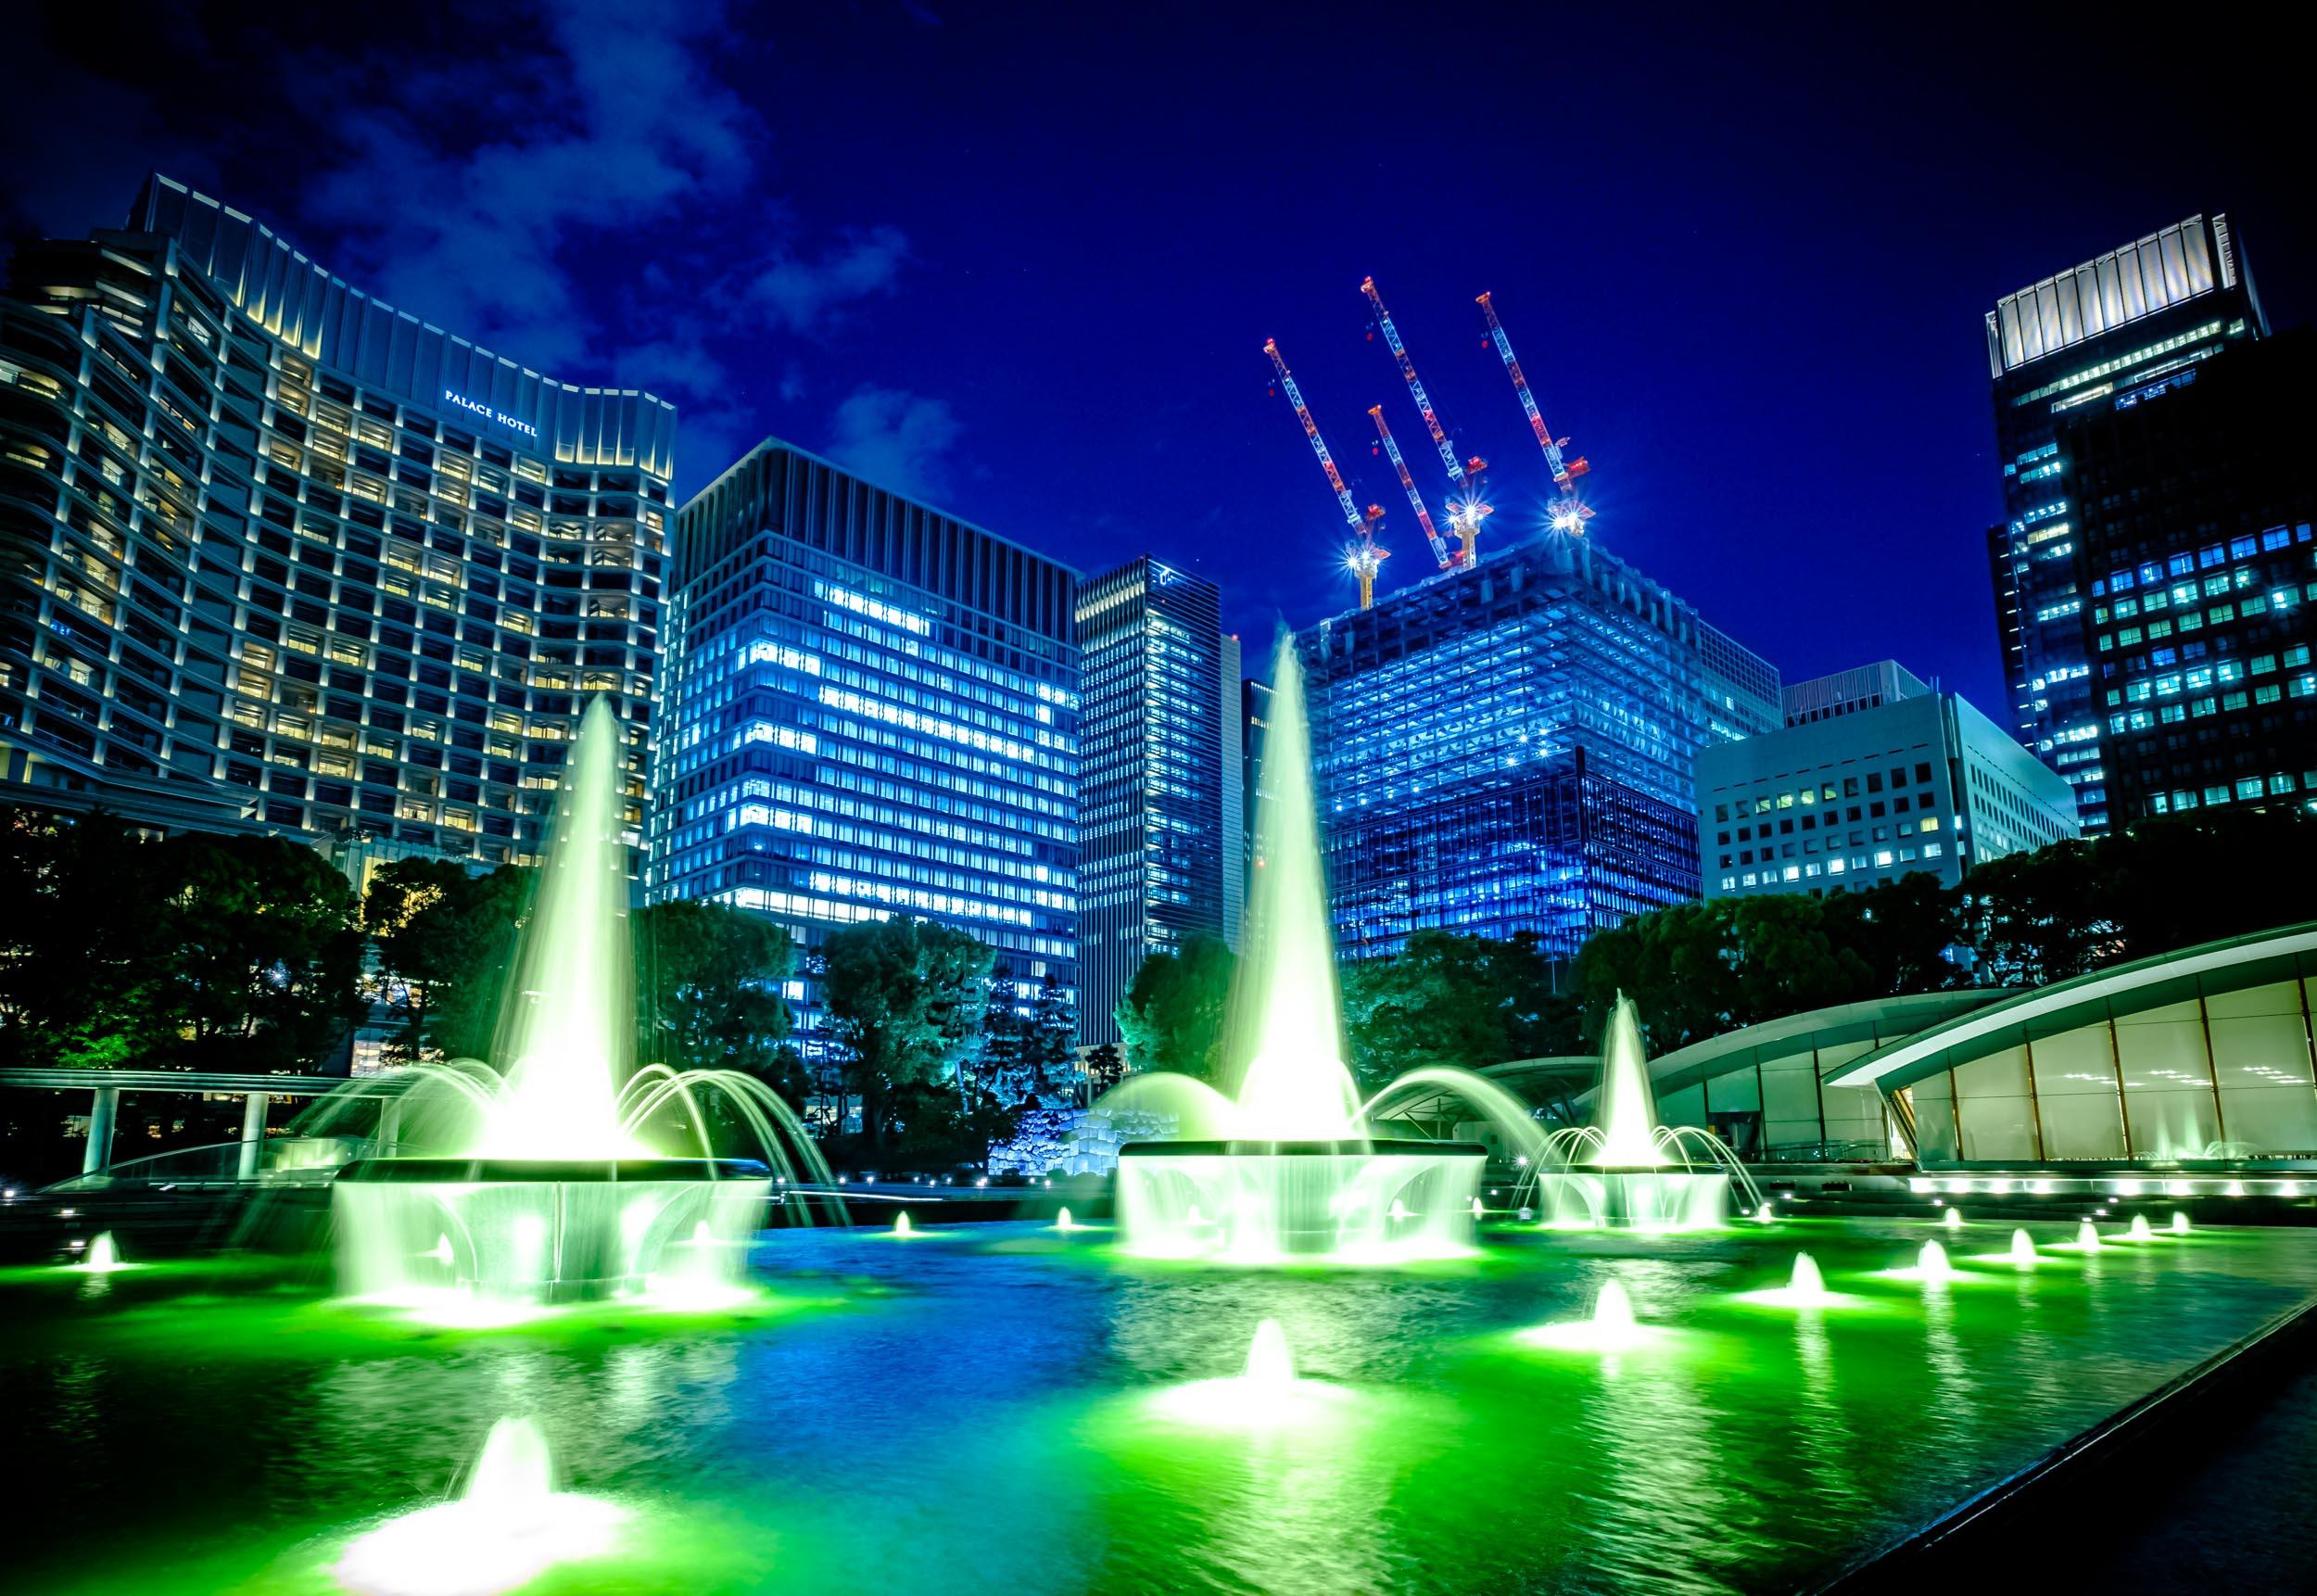 My favourite shot of Wadakura Fountain Park